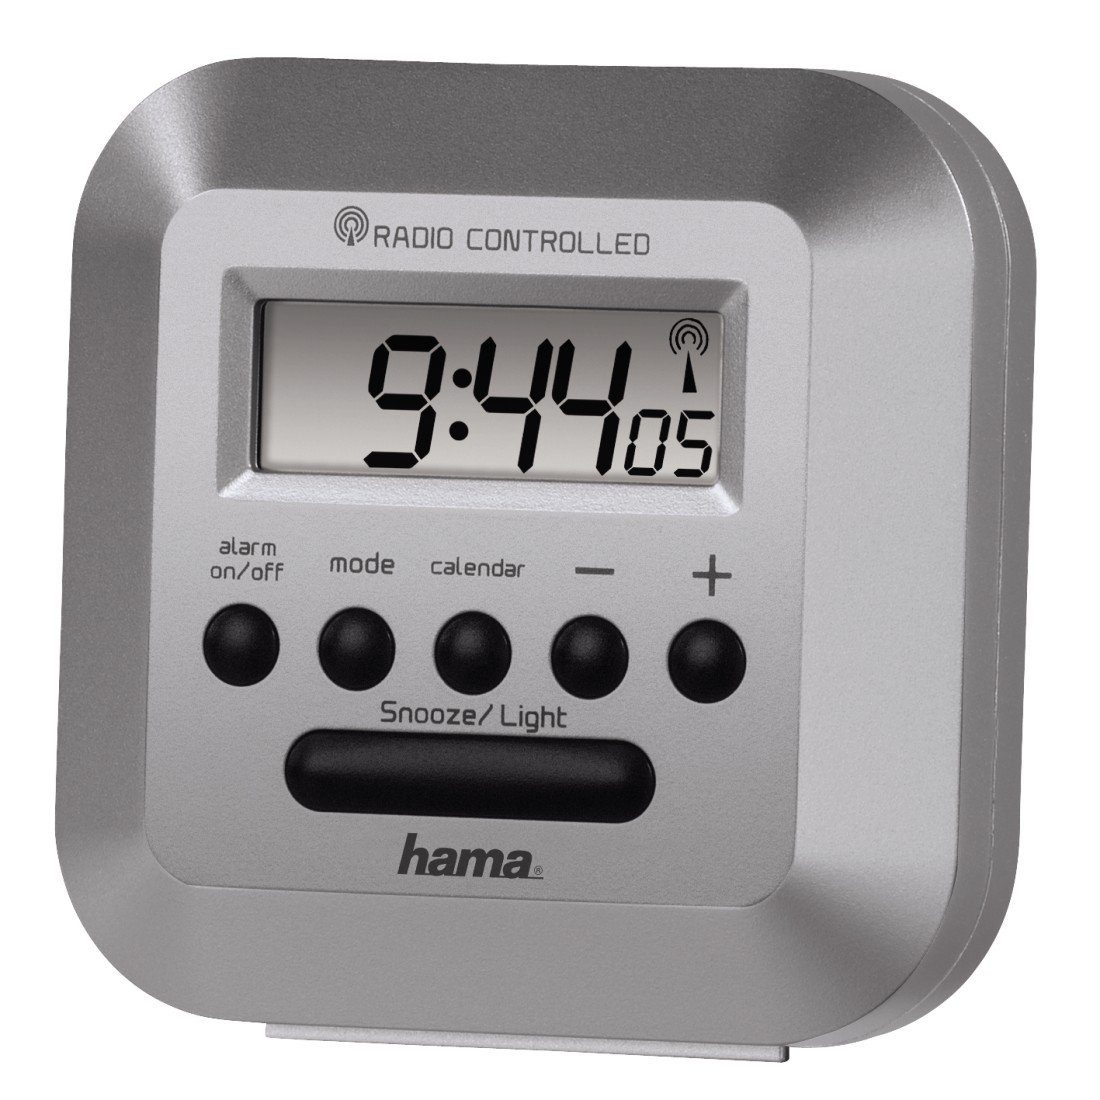 """Hama Funkwecker """"RC40""""mit Hintergrundbeleuchtung, silber »Uhr-/Kalender- u. Weckfunktion«"""